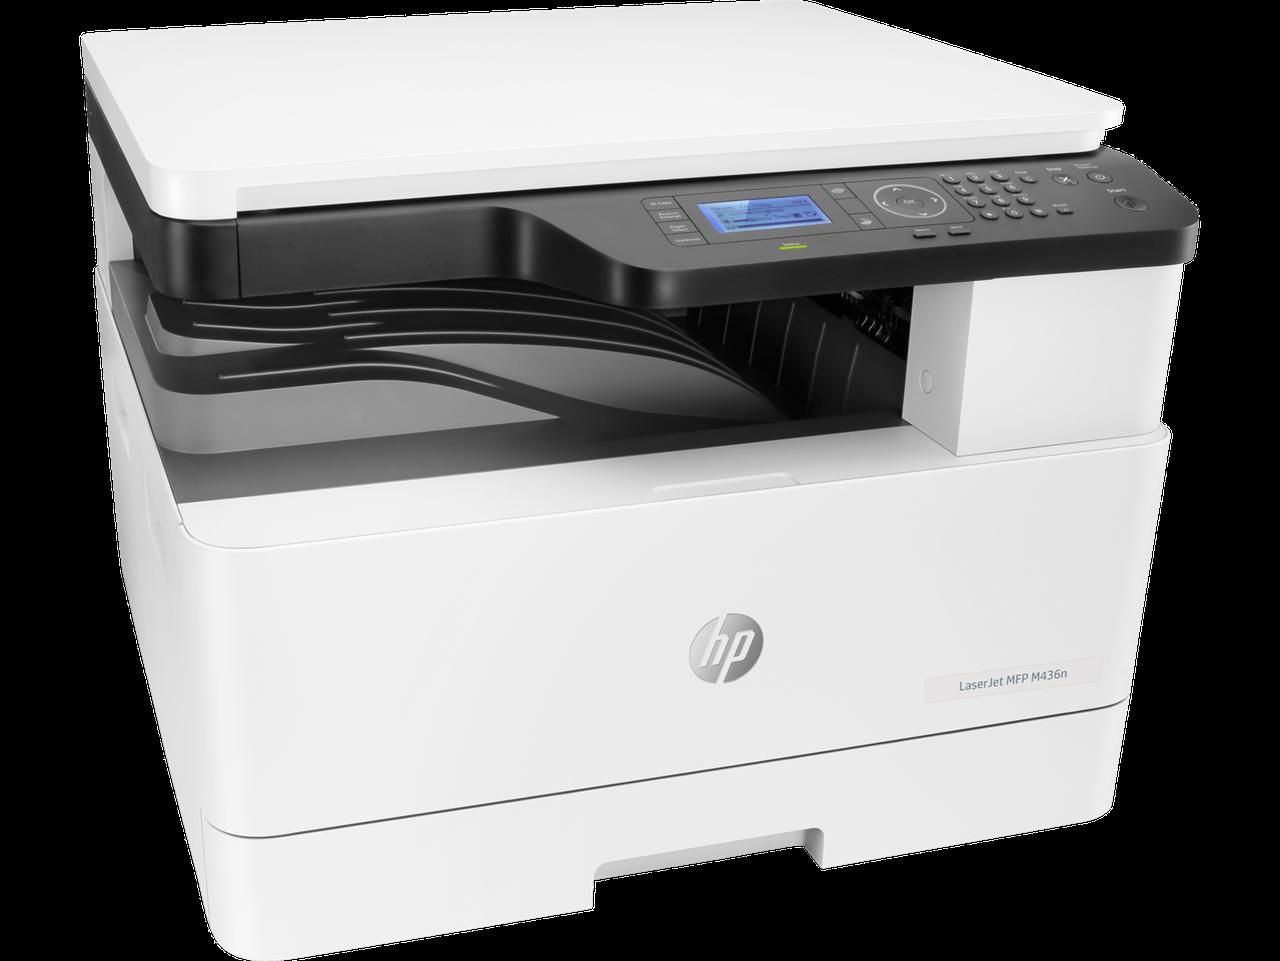 МФУ W7U01A HP LaserJet MFP M436n Printer (A3) Printer/Scanner/Copier, 600 dpi, 23/12ppm (A4/A3), 128 MB, 600 M